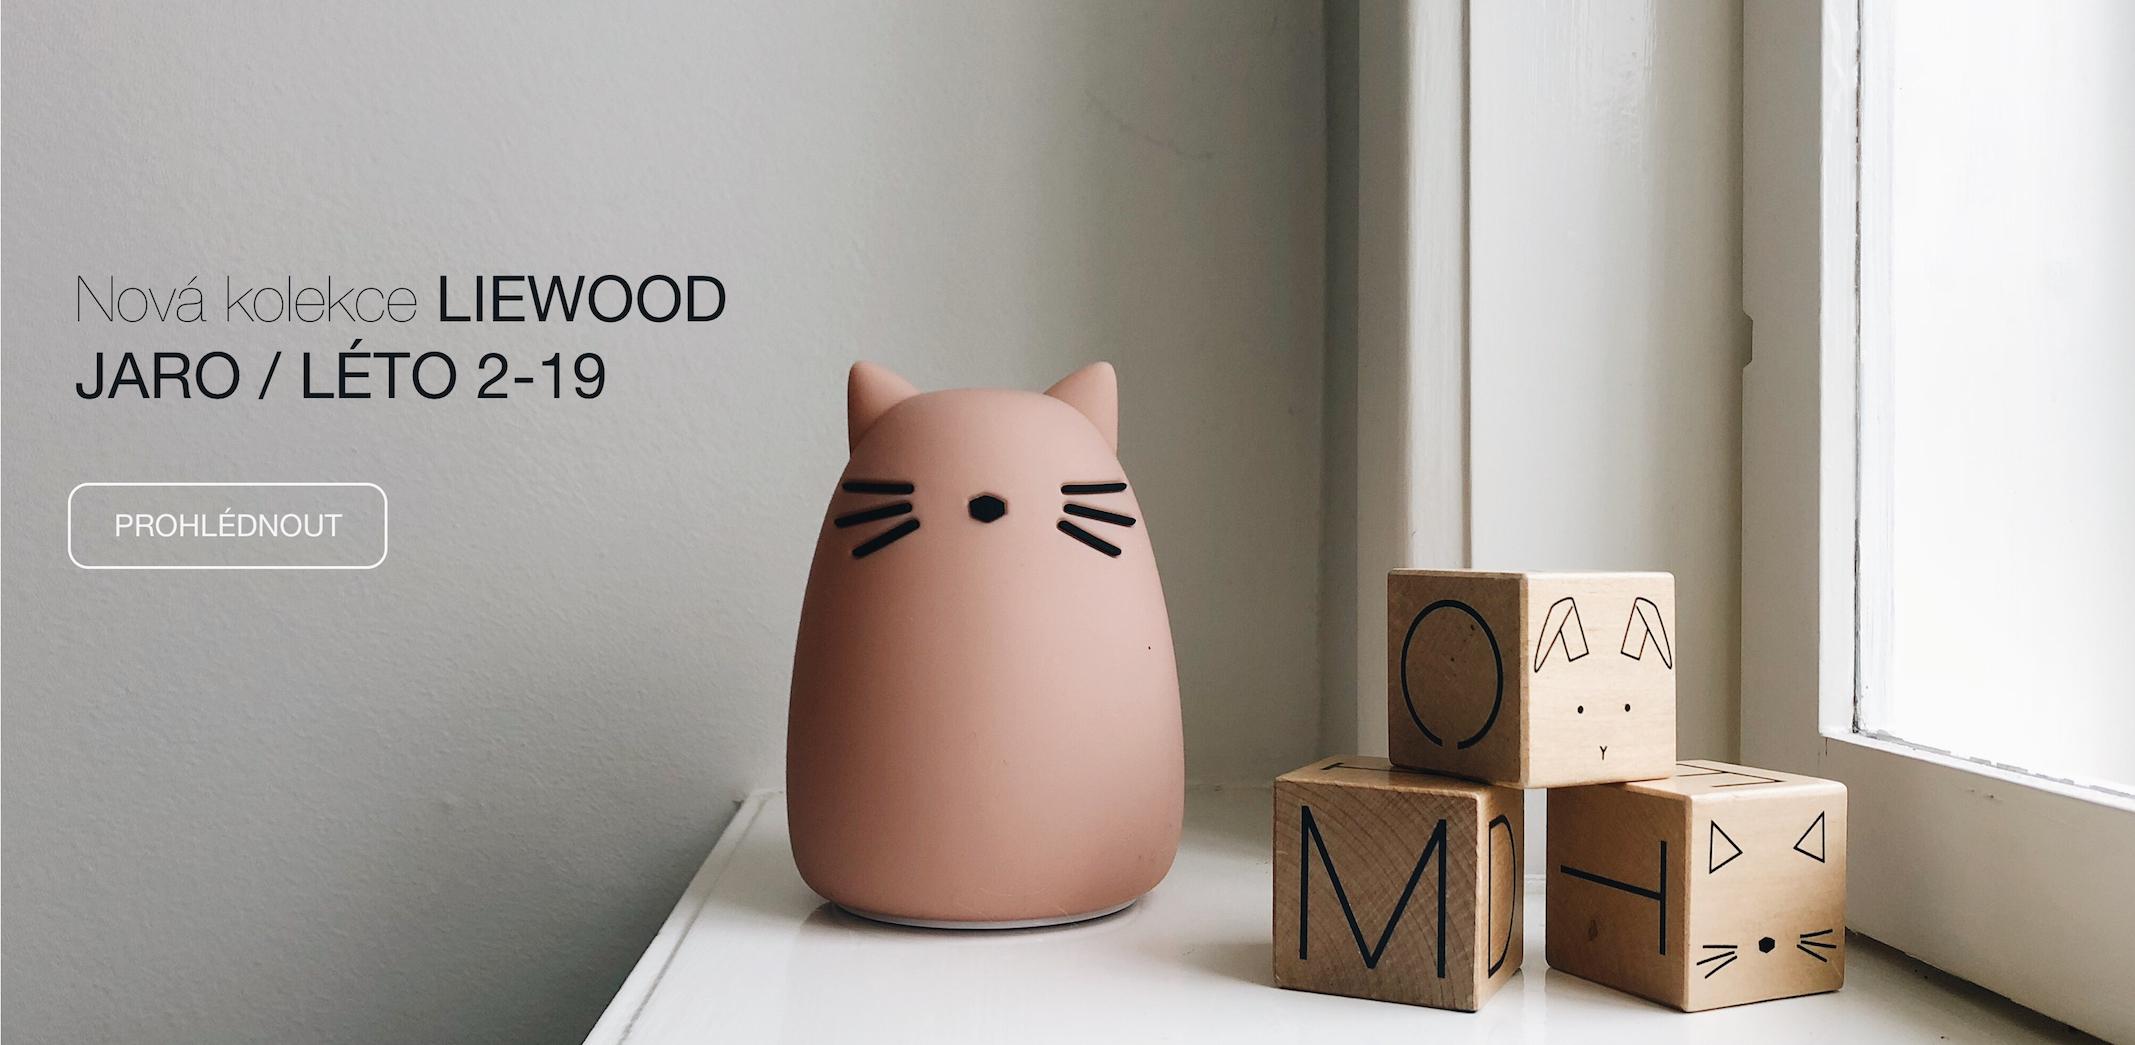 Nová kolekce Liewood 2-19